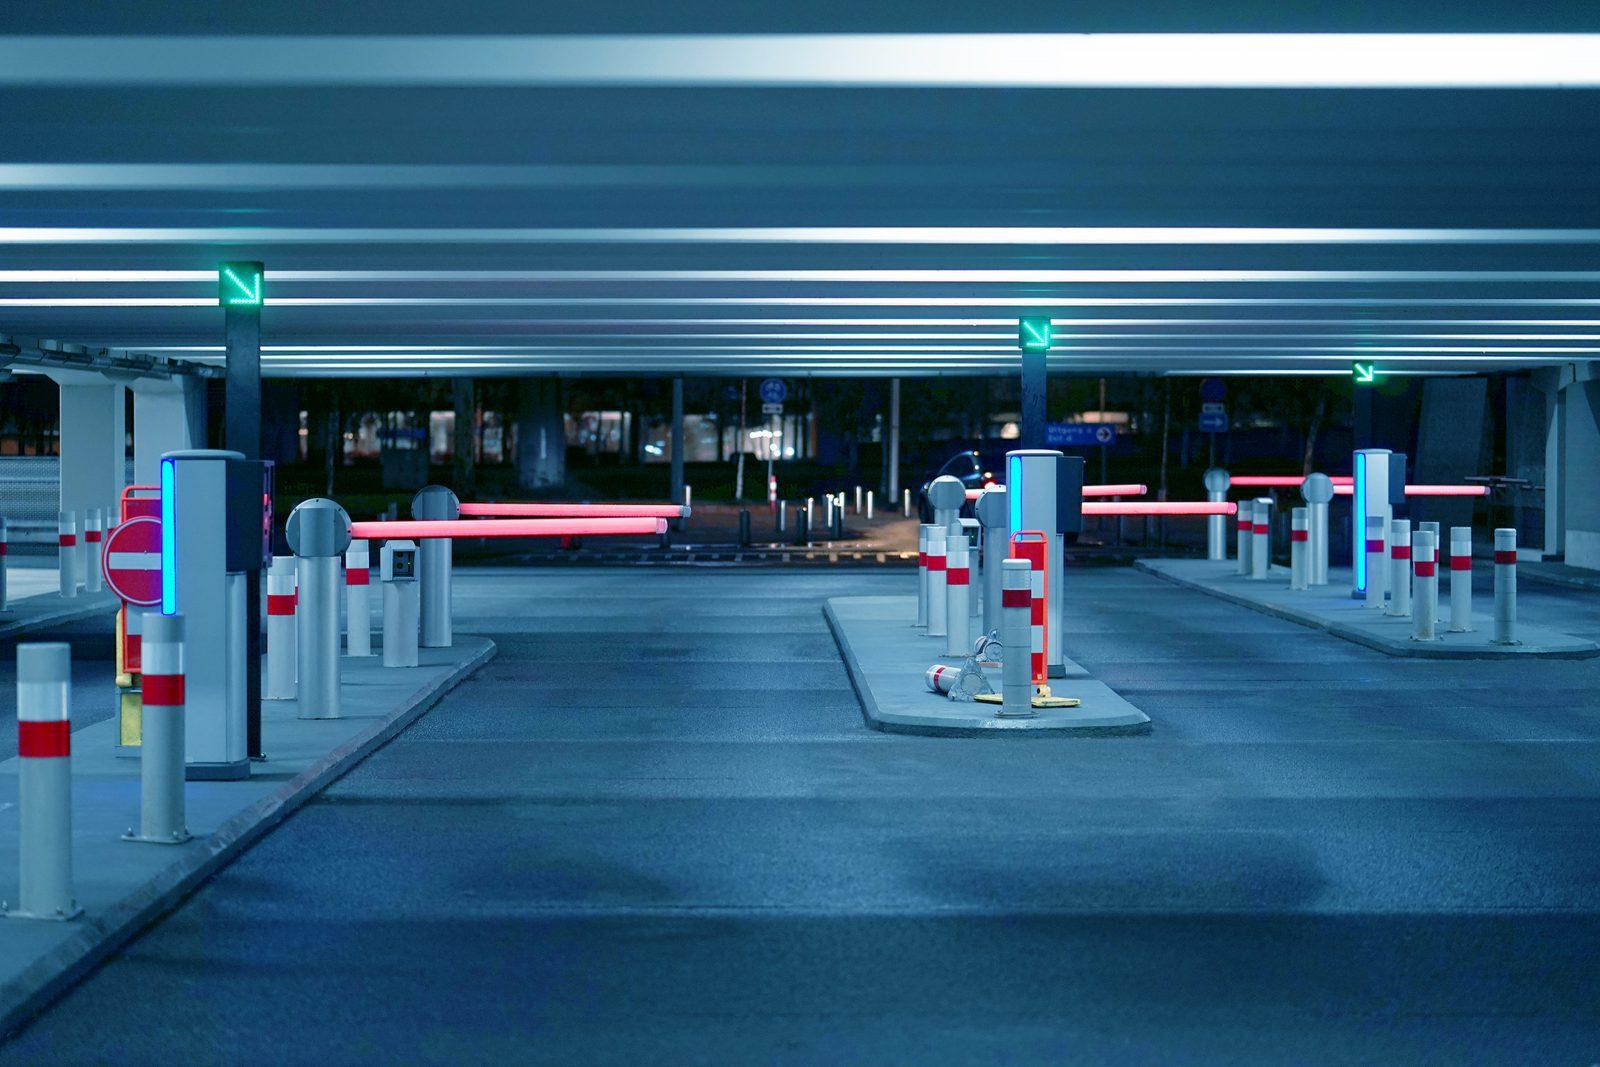 שערים חשמליים לחנייה ציבורית עם בקרת כניסה ותאורת לד